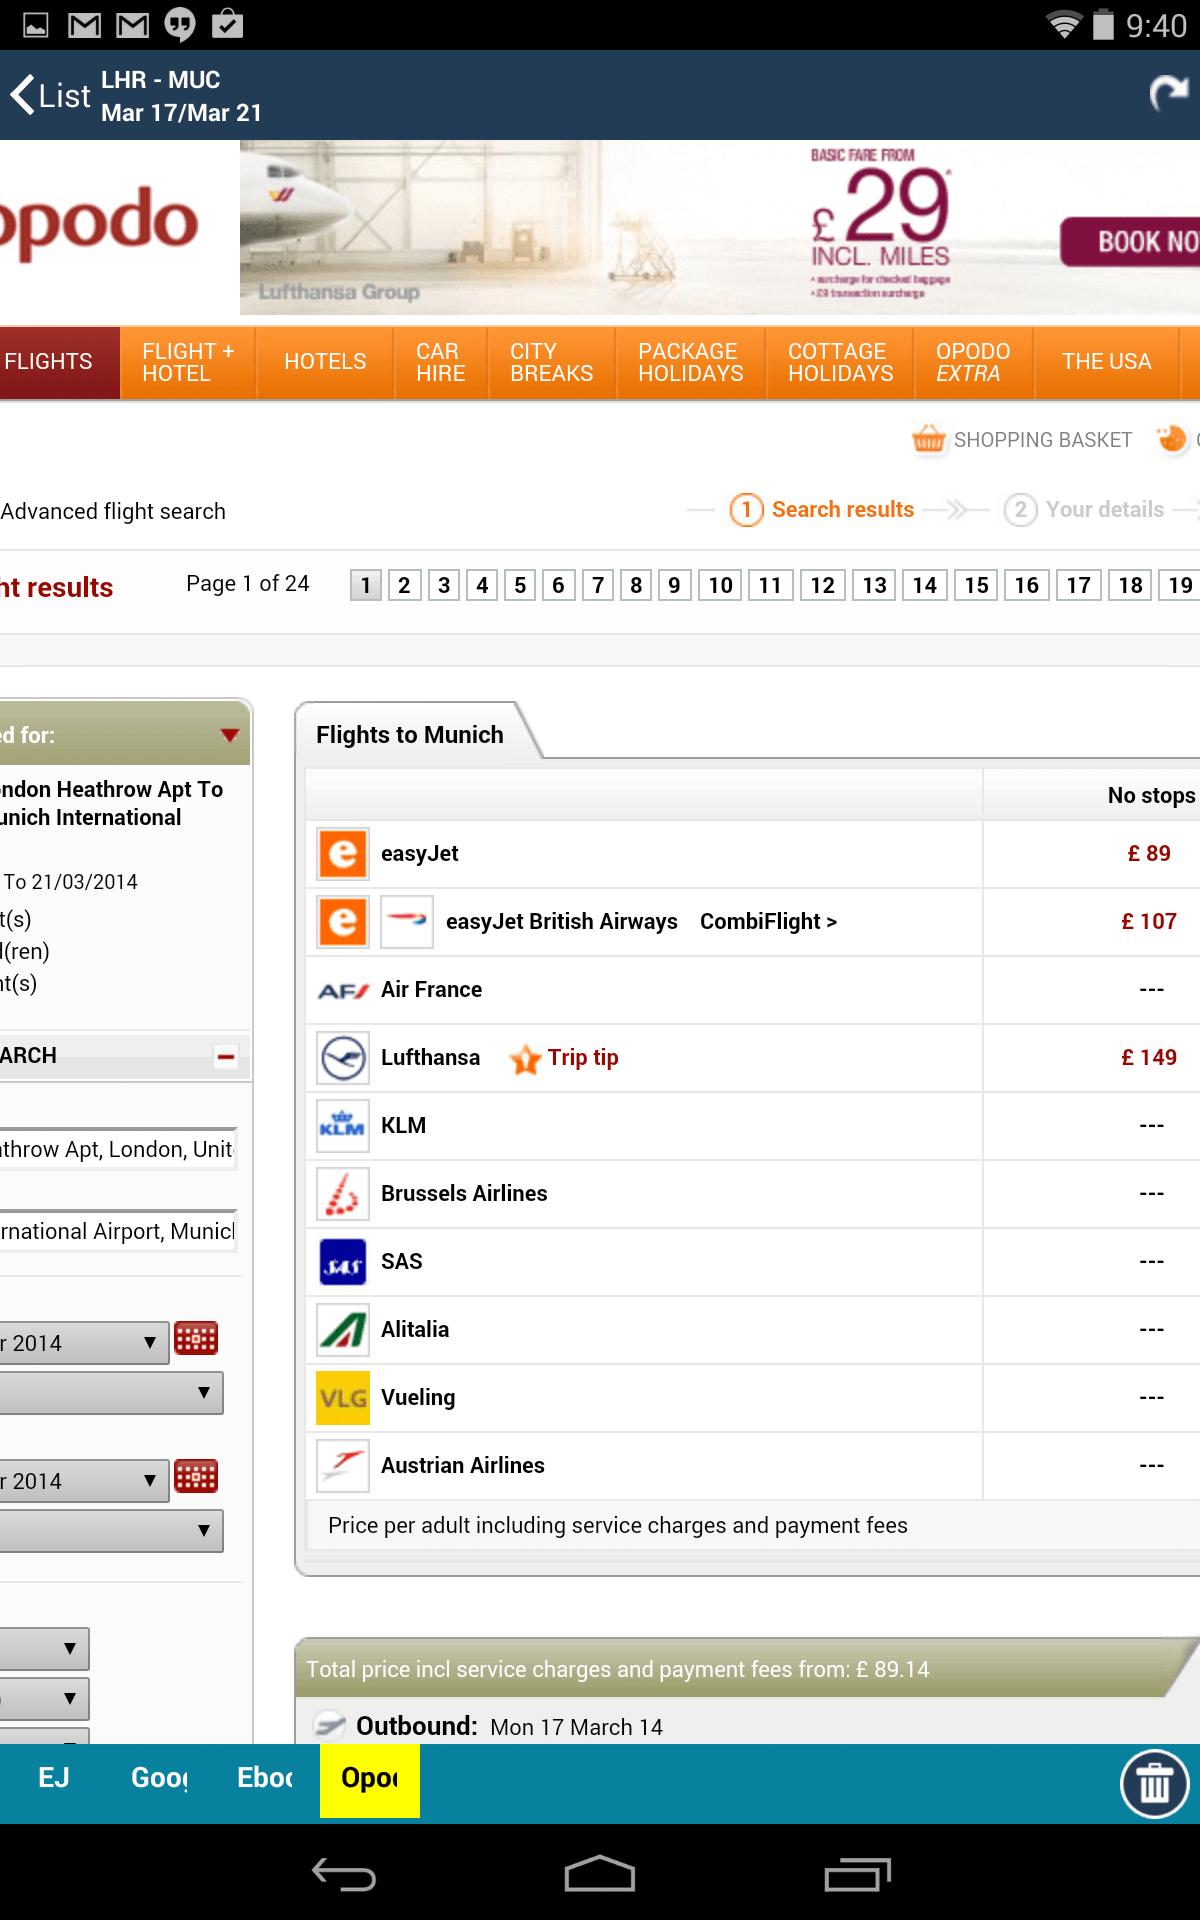 Flughafen Pro - Echtzeitstatus von Abflug und Ankunftszeiten Screenshot